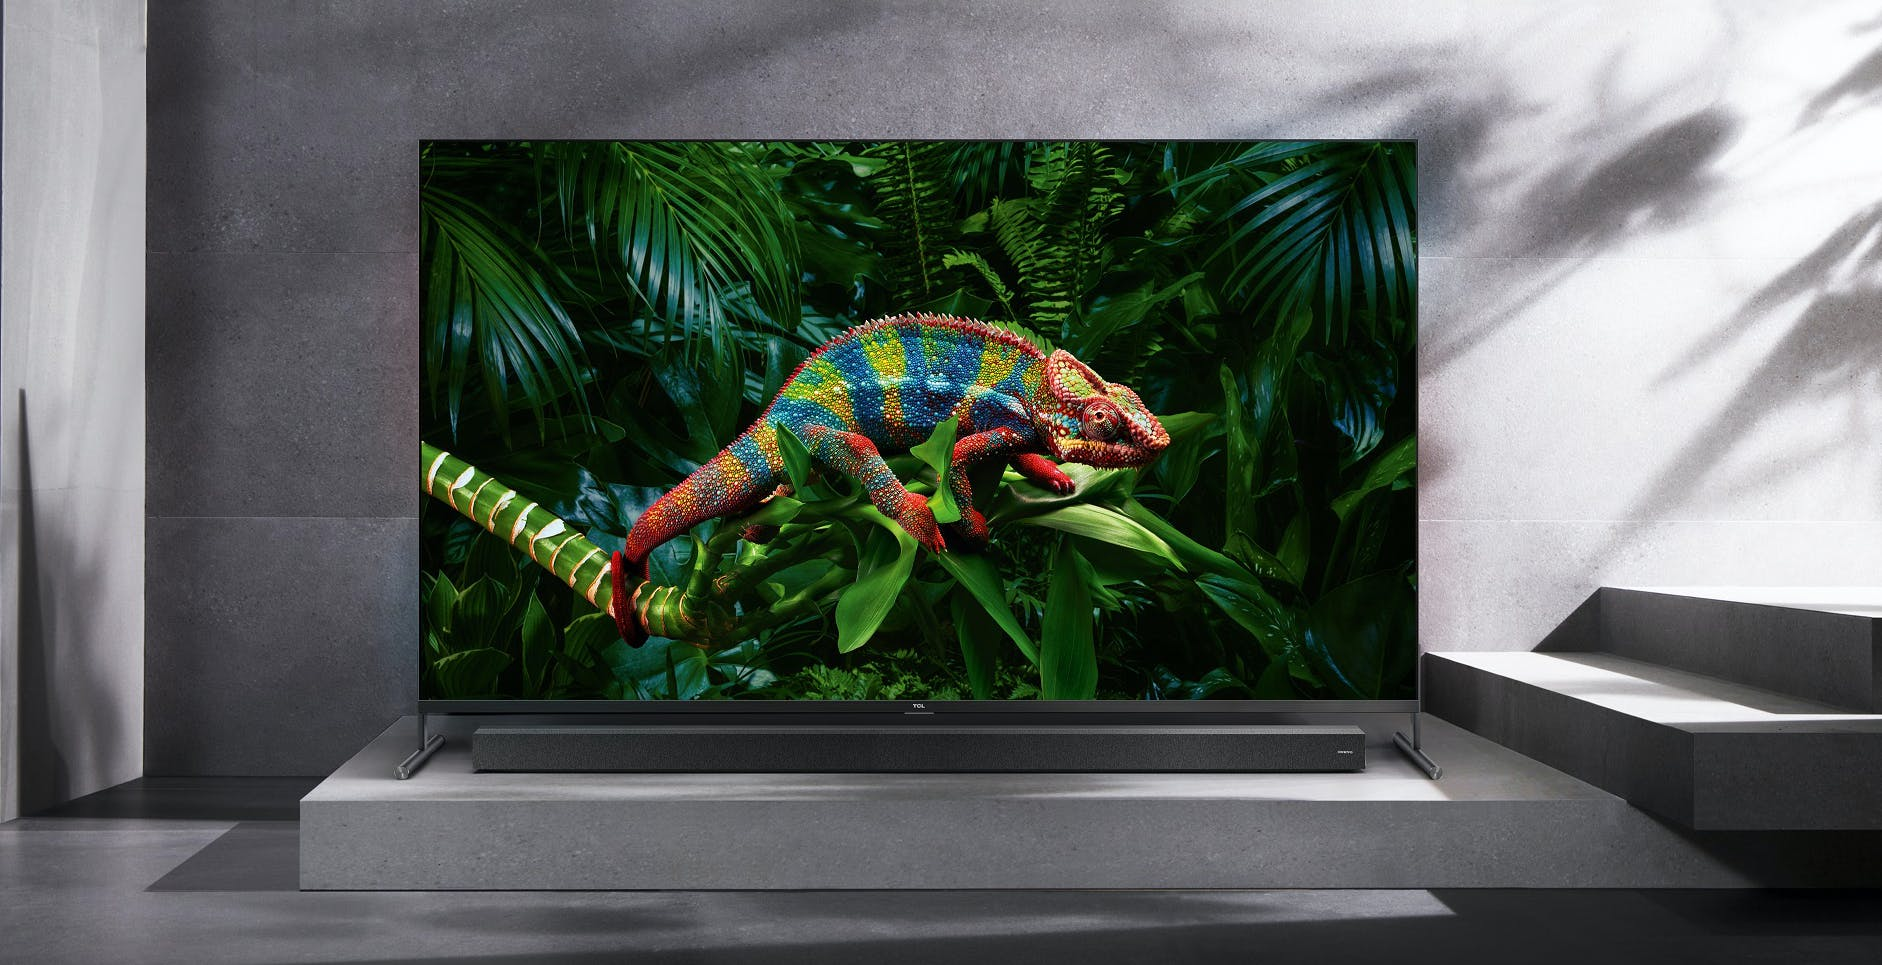 TCL annuncia la disponibilità in Italia della serie di TV QLED 8K X91